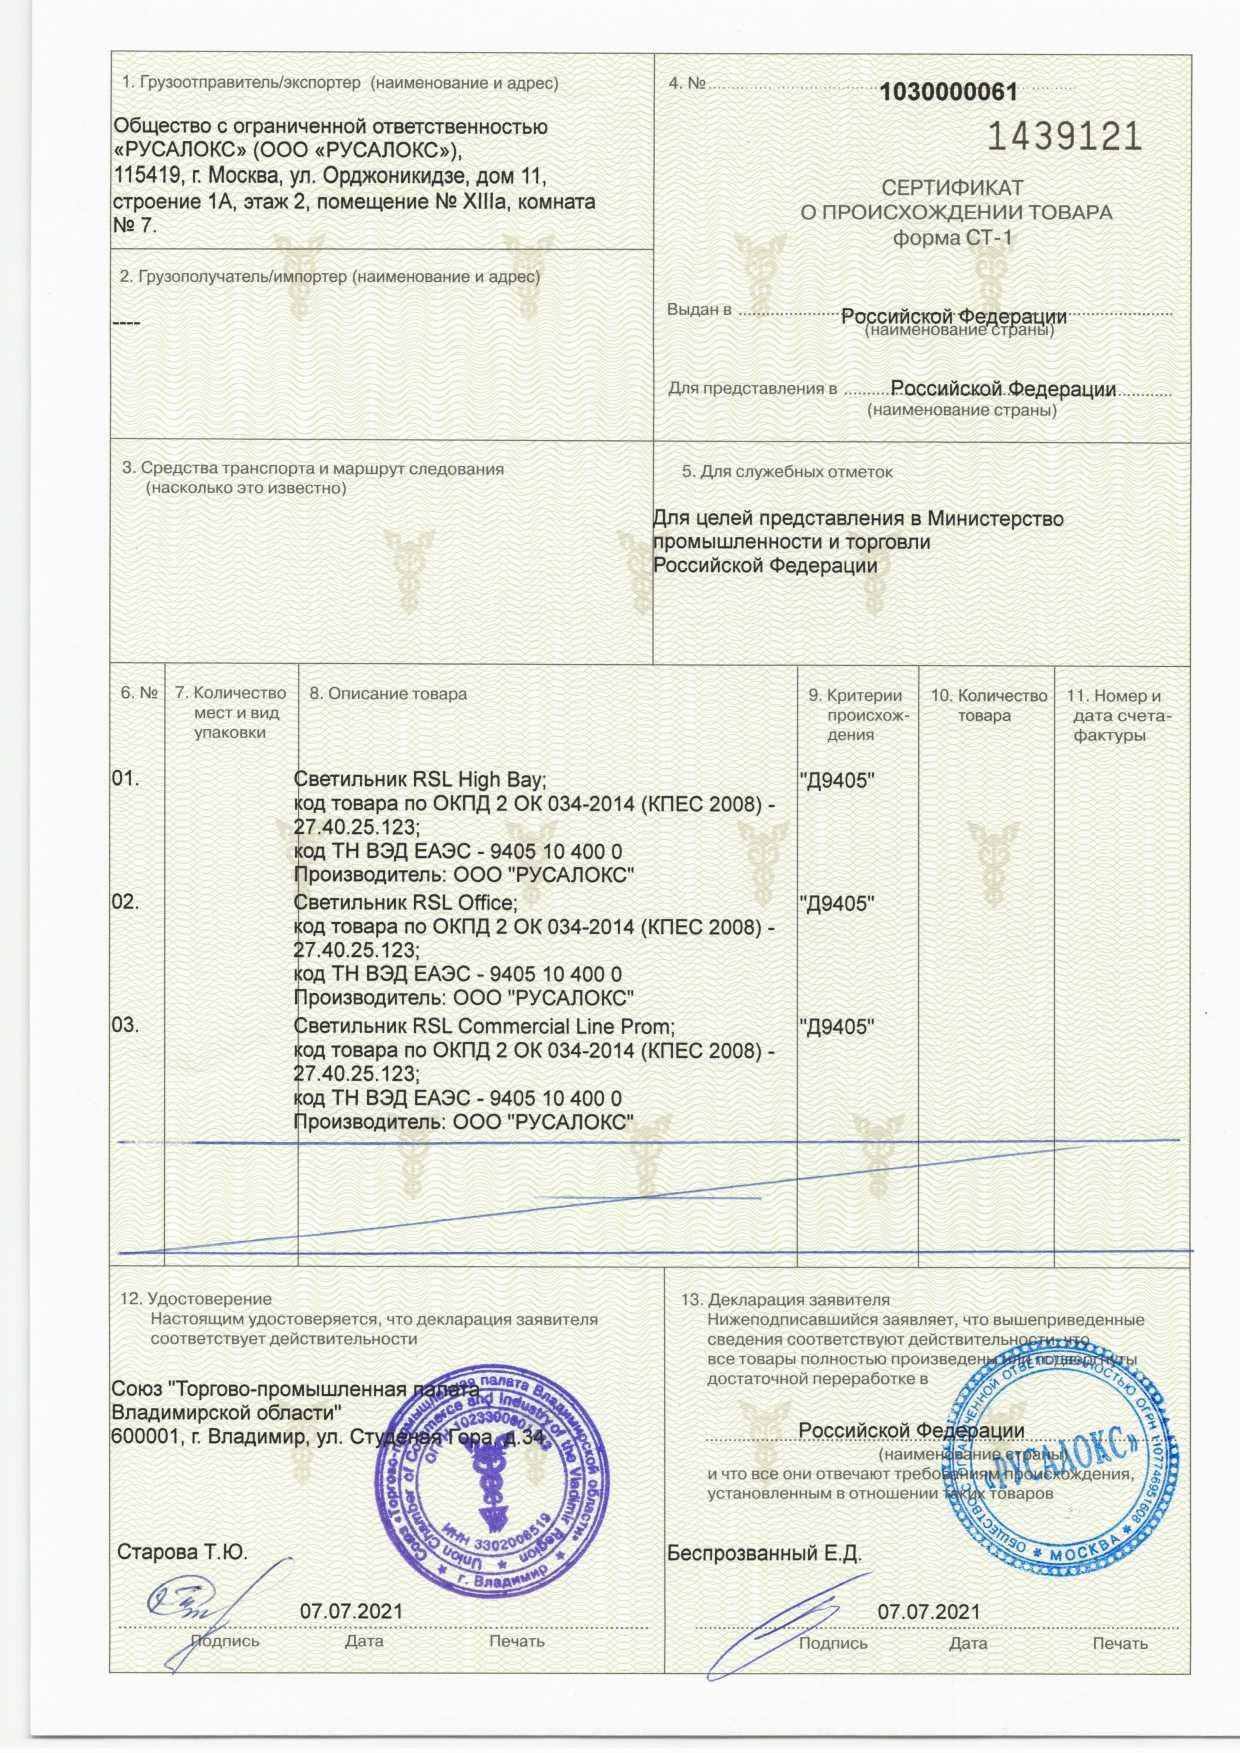 Сертификат о происхождении товара СТ-1